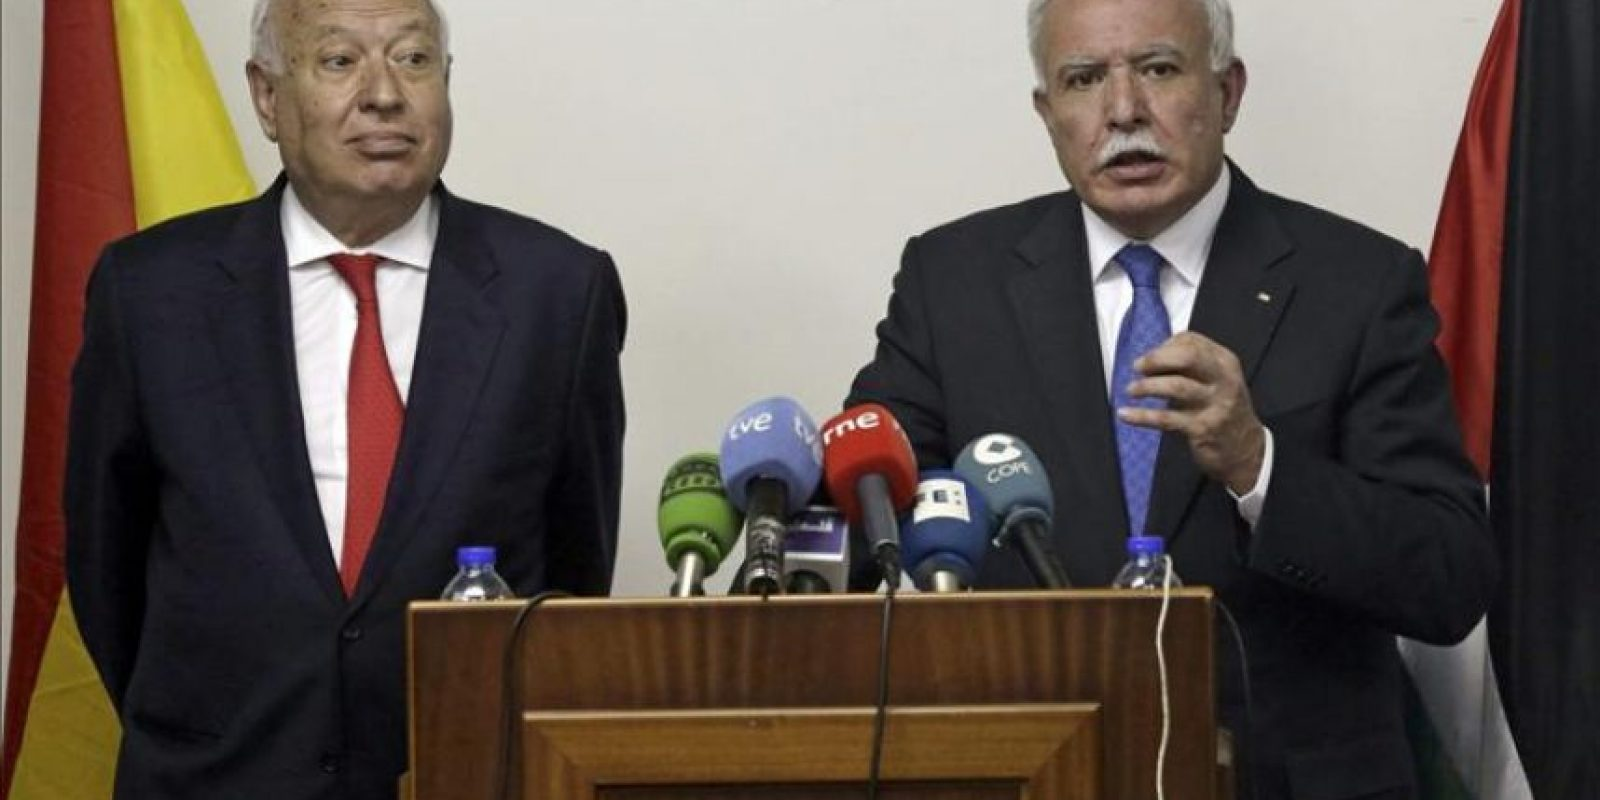 El ministro español de Asuntos Exteriores, José Manuel García-Margallo, y su homólogo palestino, Riyad al-Maliki (d), en la rueda de prensa conjunta ofrecida ayer tras reunirse en Ramala (Cisjordania), dentro de la gira de García-Margallo por Oriente Medio. EFE